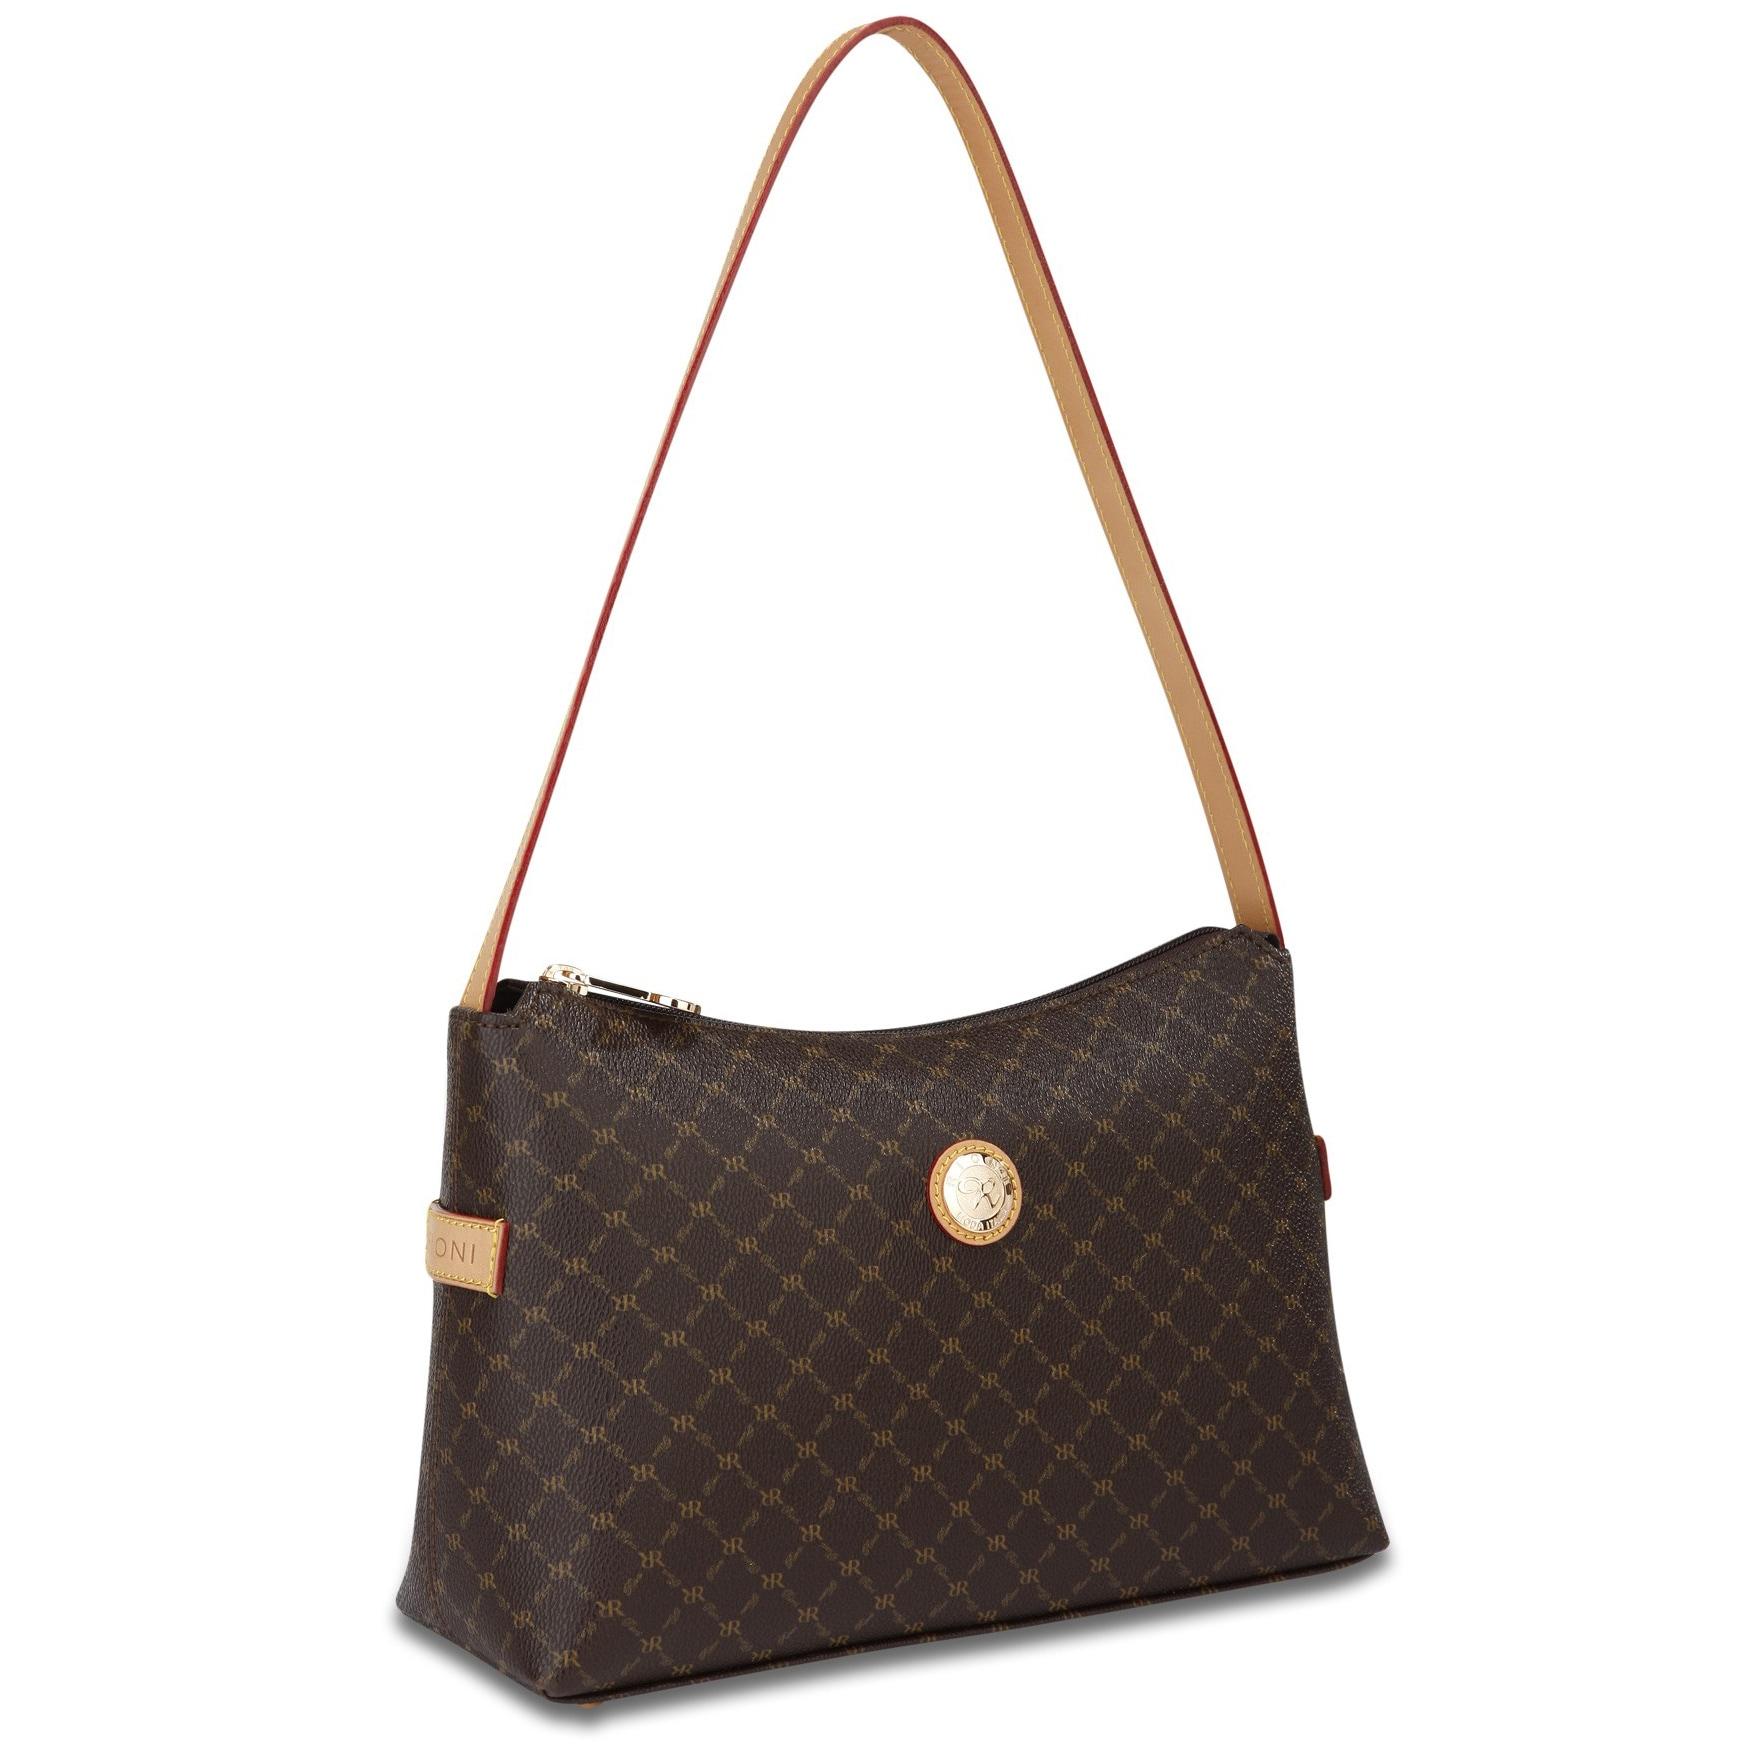 Shop Rioni Signature Top Zip Shoulder Handbag - Free Shipping Today -  Overstock.com - 3255098 fc76042f59